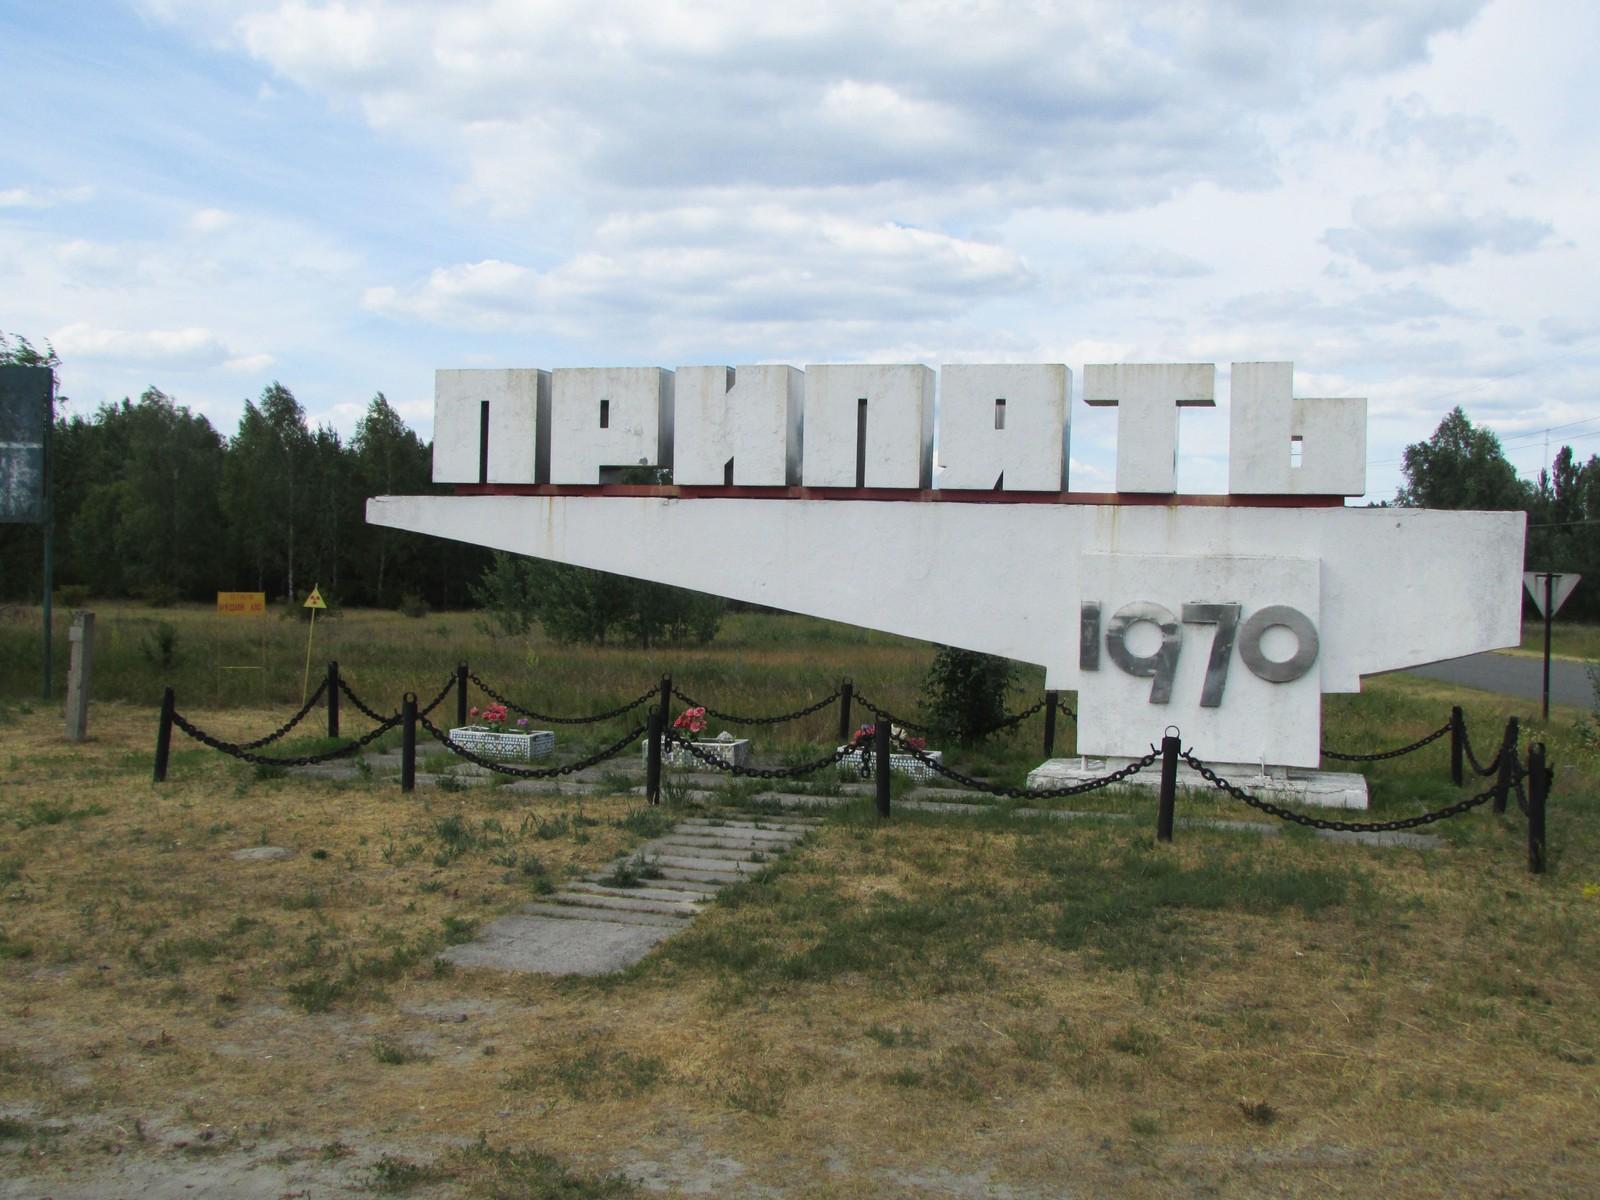 Skiltet som viser hvor Pripyat by ligger. Legg merke til skiltene som advarer mot radioaktivitet. På den ene skiltet står det «Rød skog».